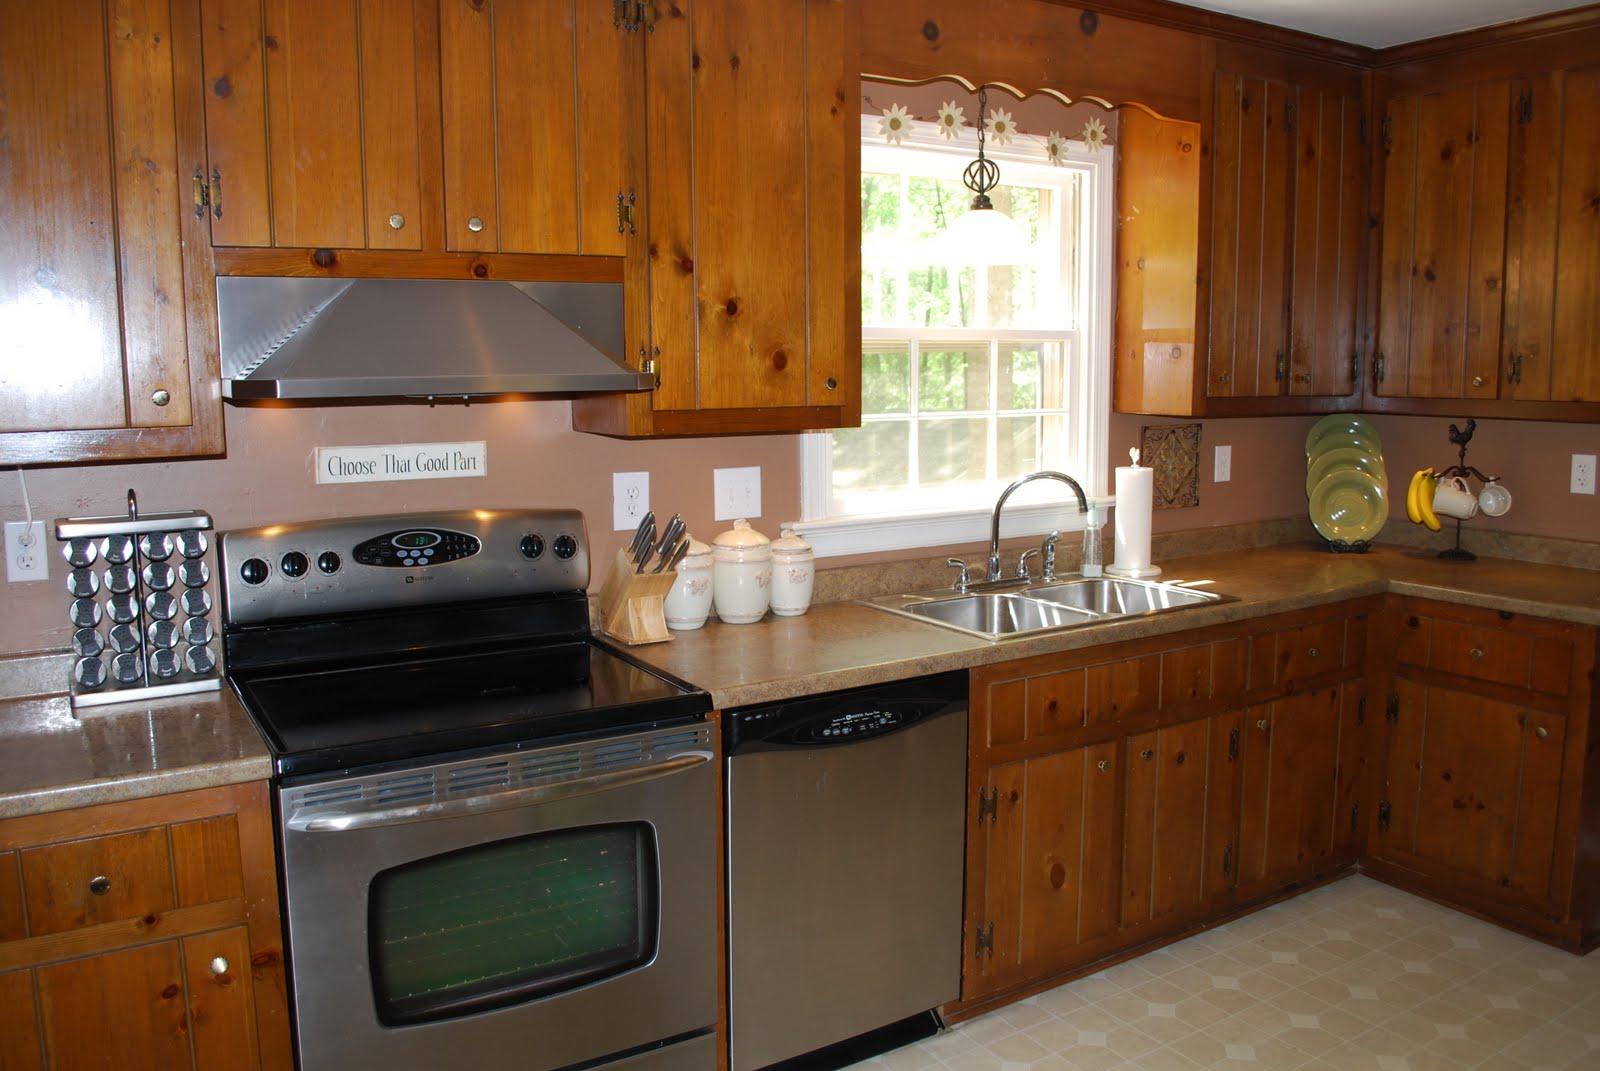 ... Kitchen Update On Cheap Kitchen Cabinet Updates Kitchen Update On The  Cheap ...